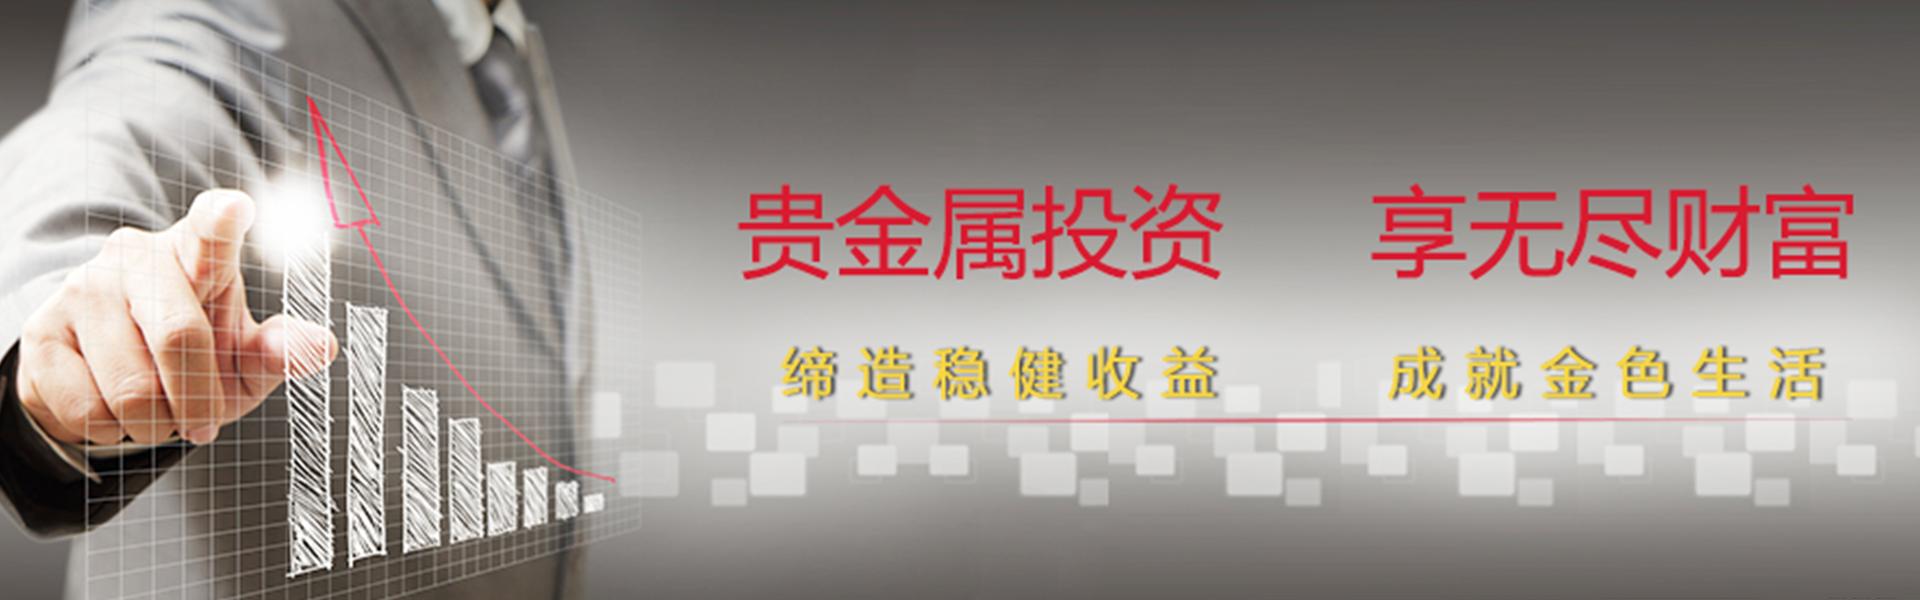 杭州五金配件加工